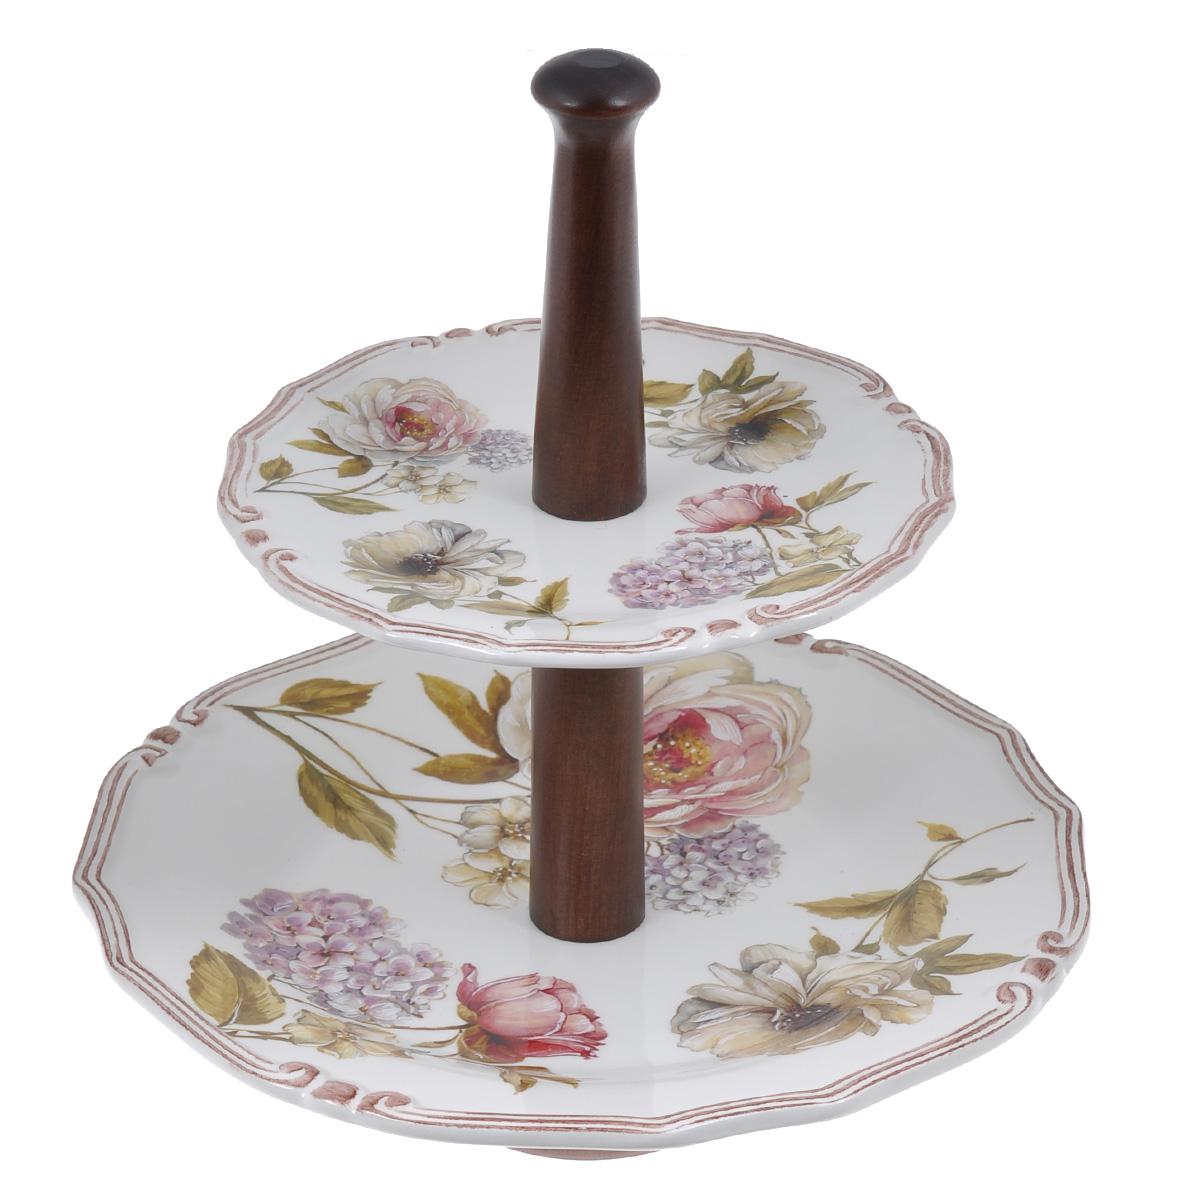 Ваза для фруктов LCS Сады Флоренции, двухъярусная ваза для фруктов двухъярусная 27х32см лаванда 942517